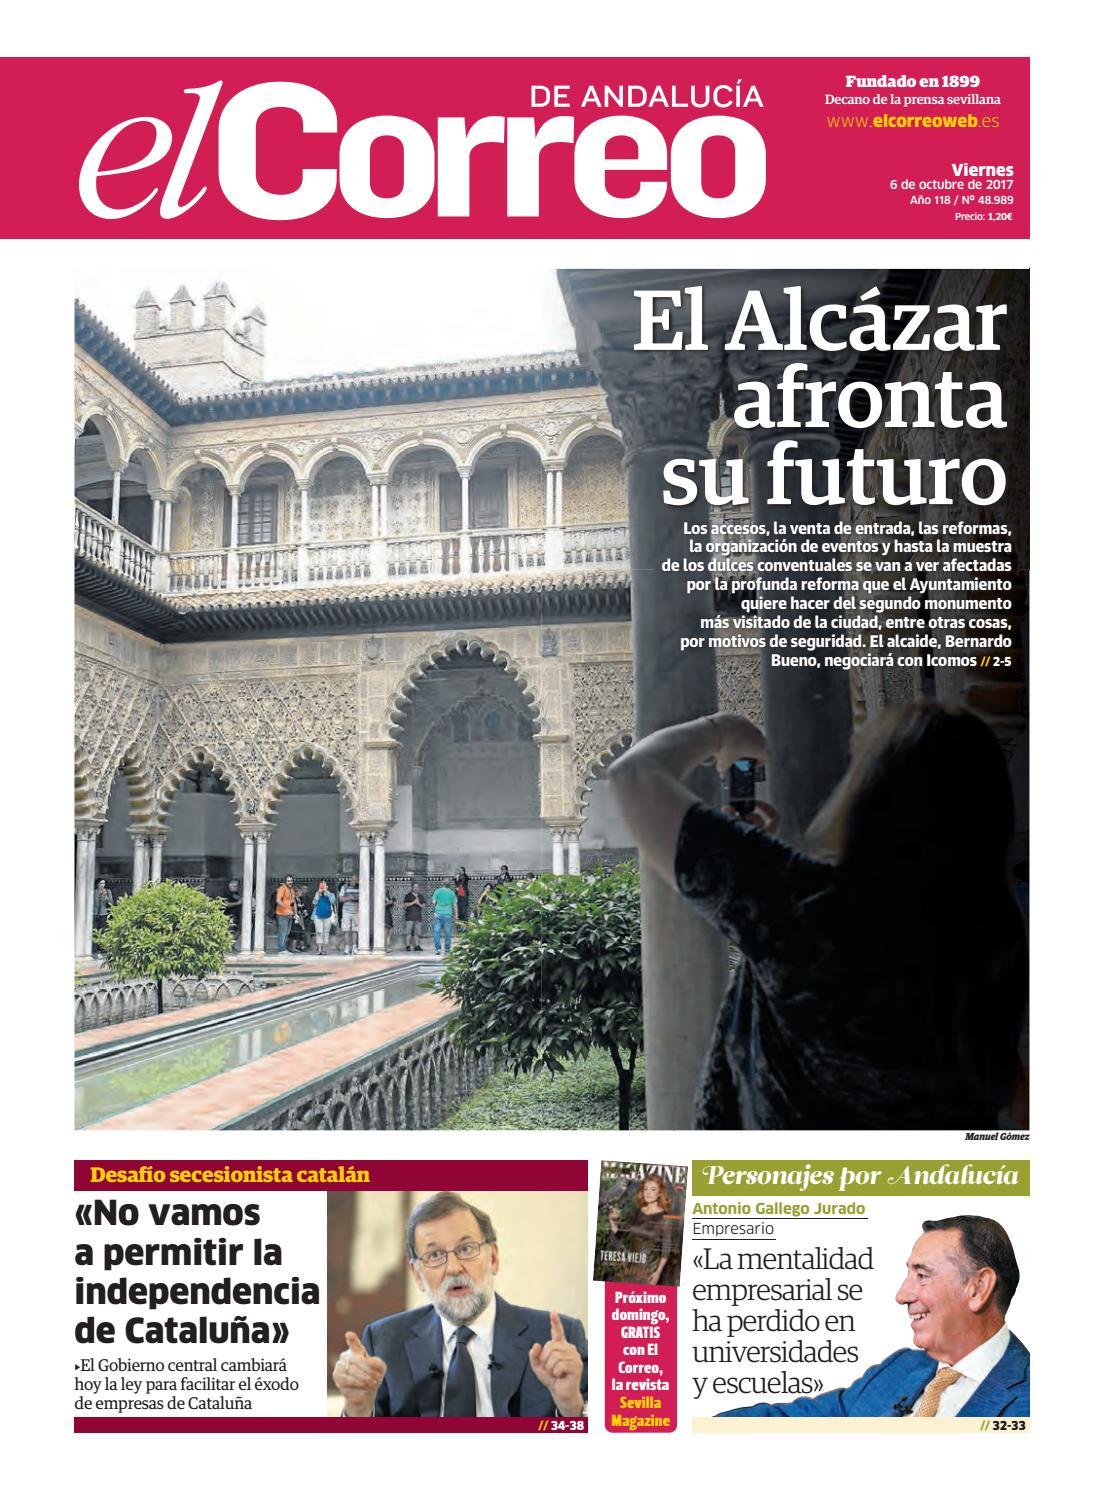 164506e91 06.10.2017 El Correo de Andalucía by EL CORREO DE ANDALUCÍA S.L. - issuu